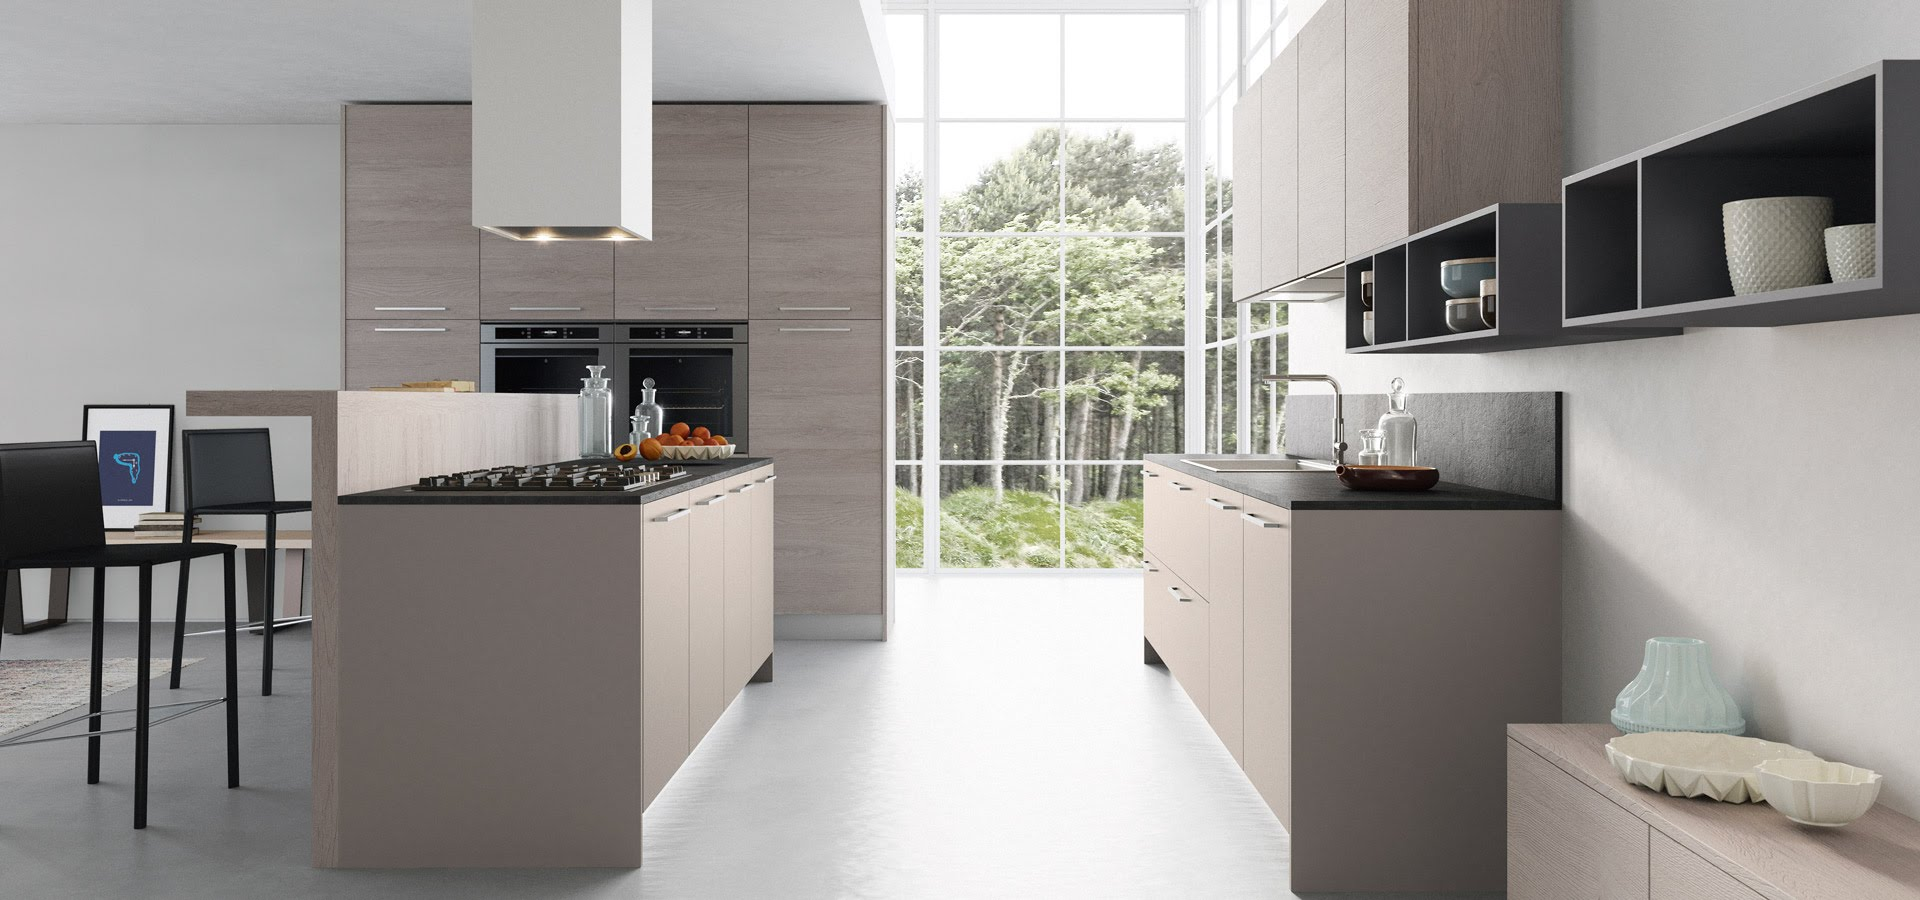 notre partenaire les cuisines schr der kuchen plans pluriel. Black Bedroom Furniture Sets. Home Design Ideas